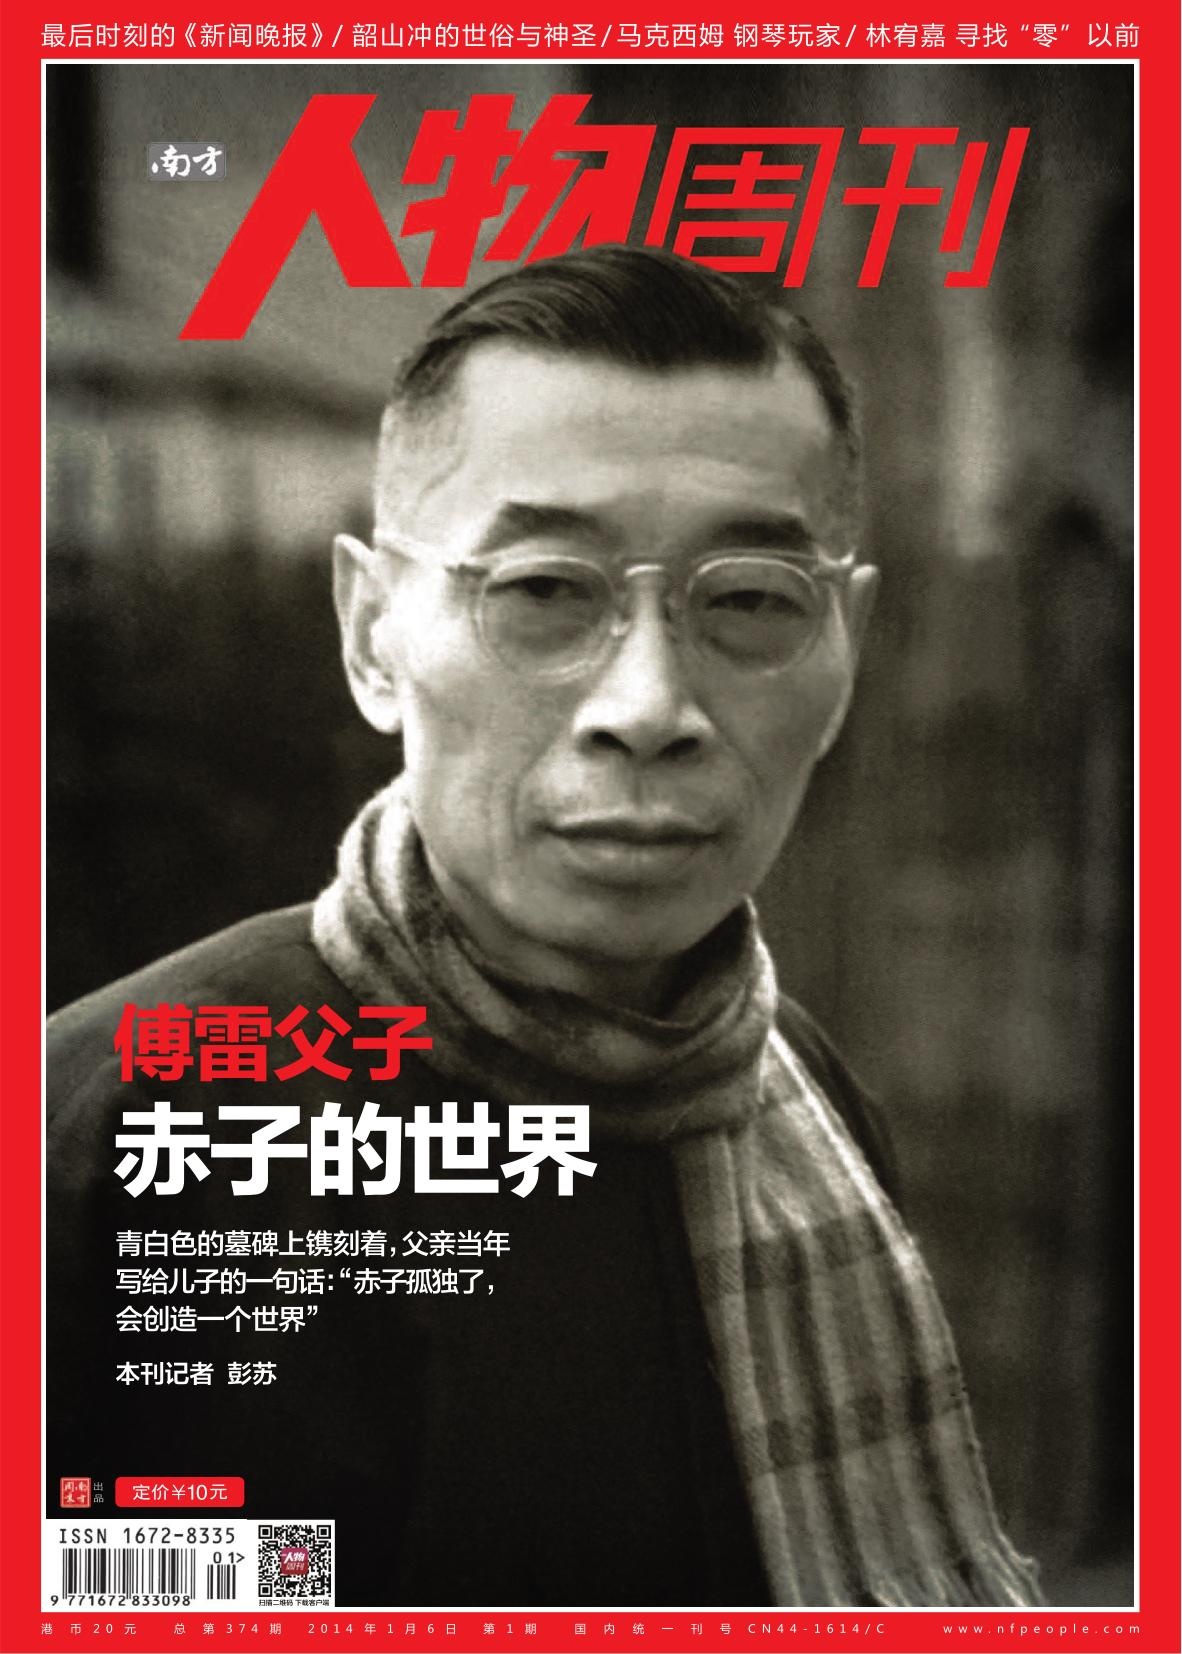 《南方人物周刊》2014年第1期